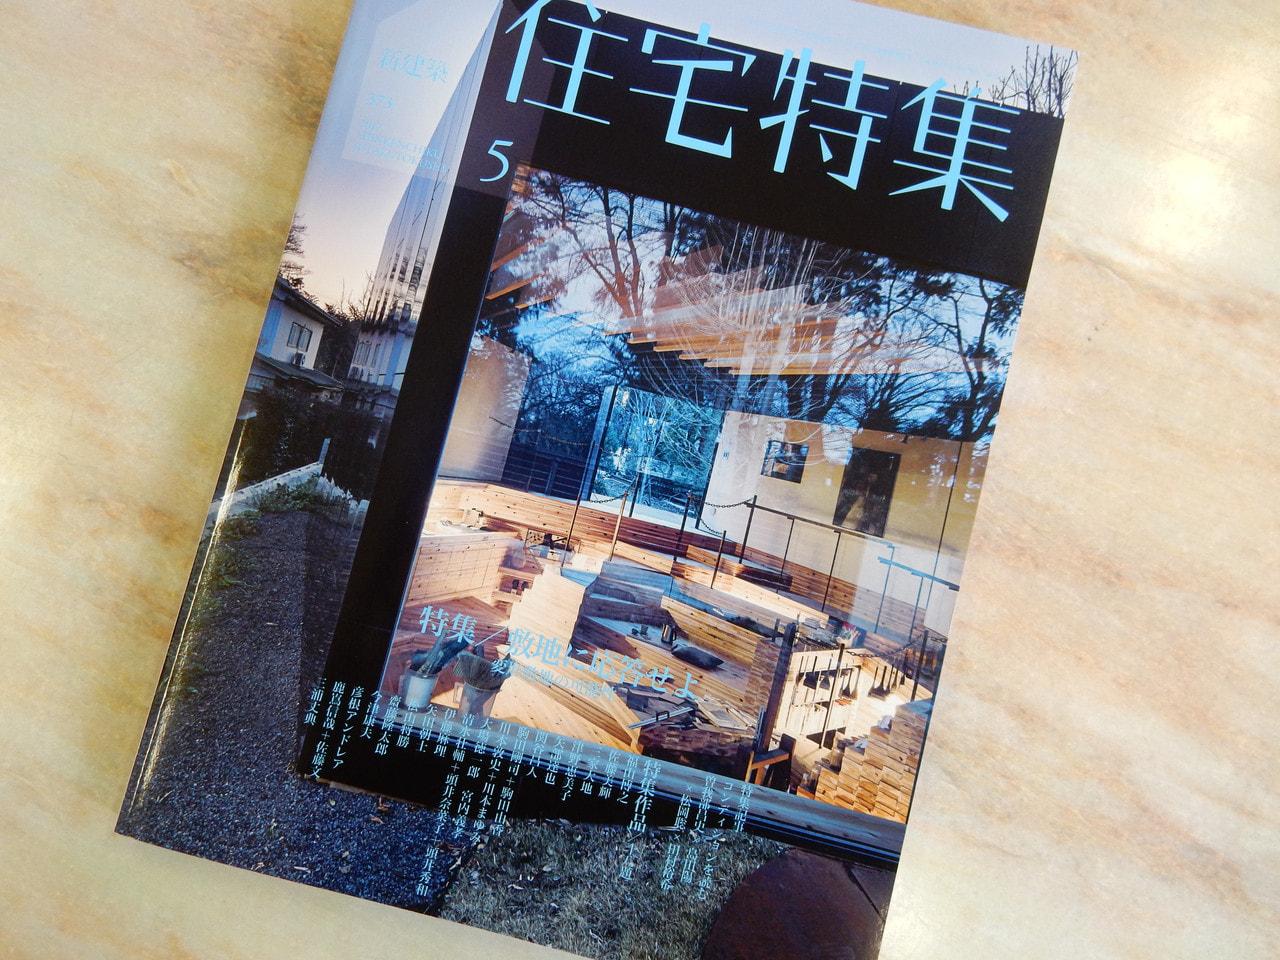 今津先生の記事の記事が住宅特集5月号に掲載